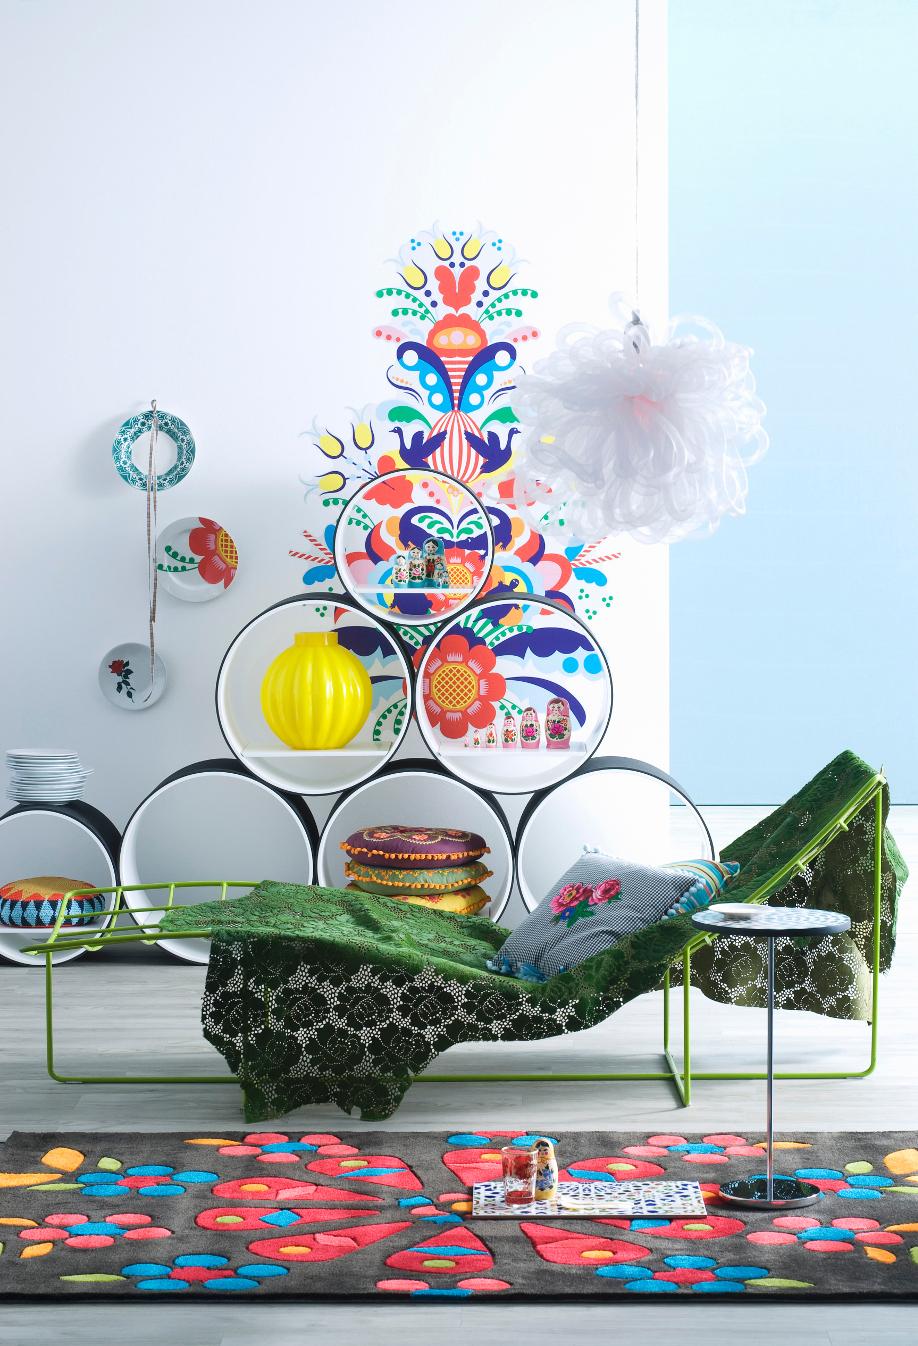 Adesivi-da-parete, Sticker, Decorazioni-murali, Decorazioni, Casa, Fai-da-te